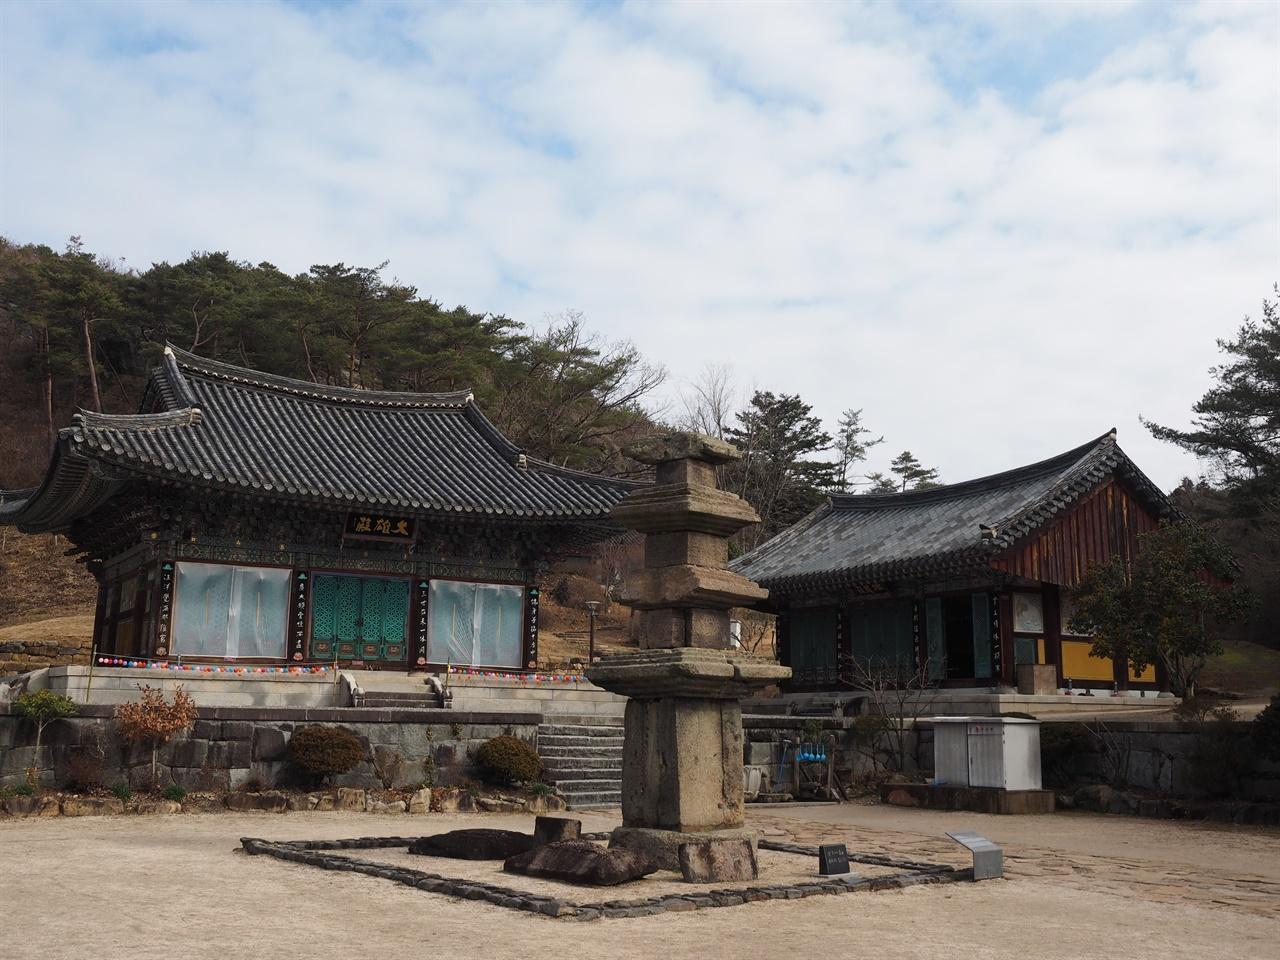 운주사 대웅전 운주사는 1918년 박윤동 군수 등 16명의 시주로 중건되었다. 현재의 전각은 1990년대에 중건한 것이다.